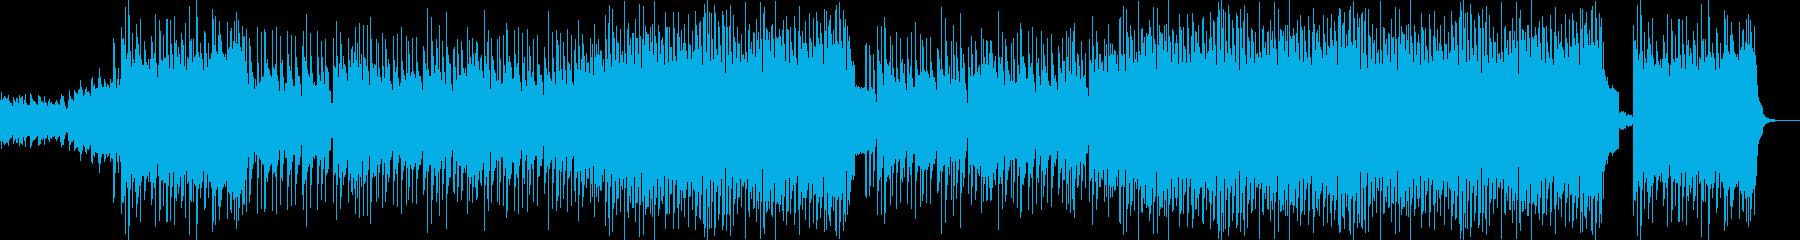 コマーシャル用の音楽。バラード。ド...の再生済みの波形